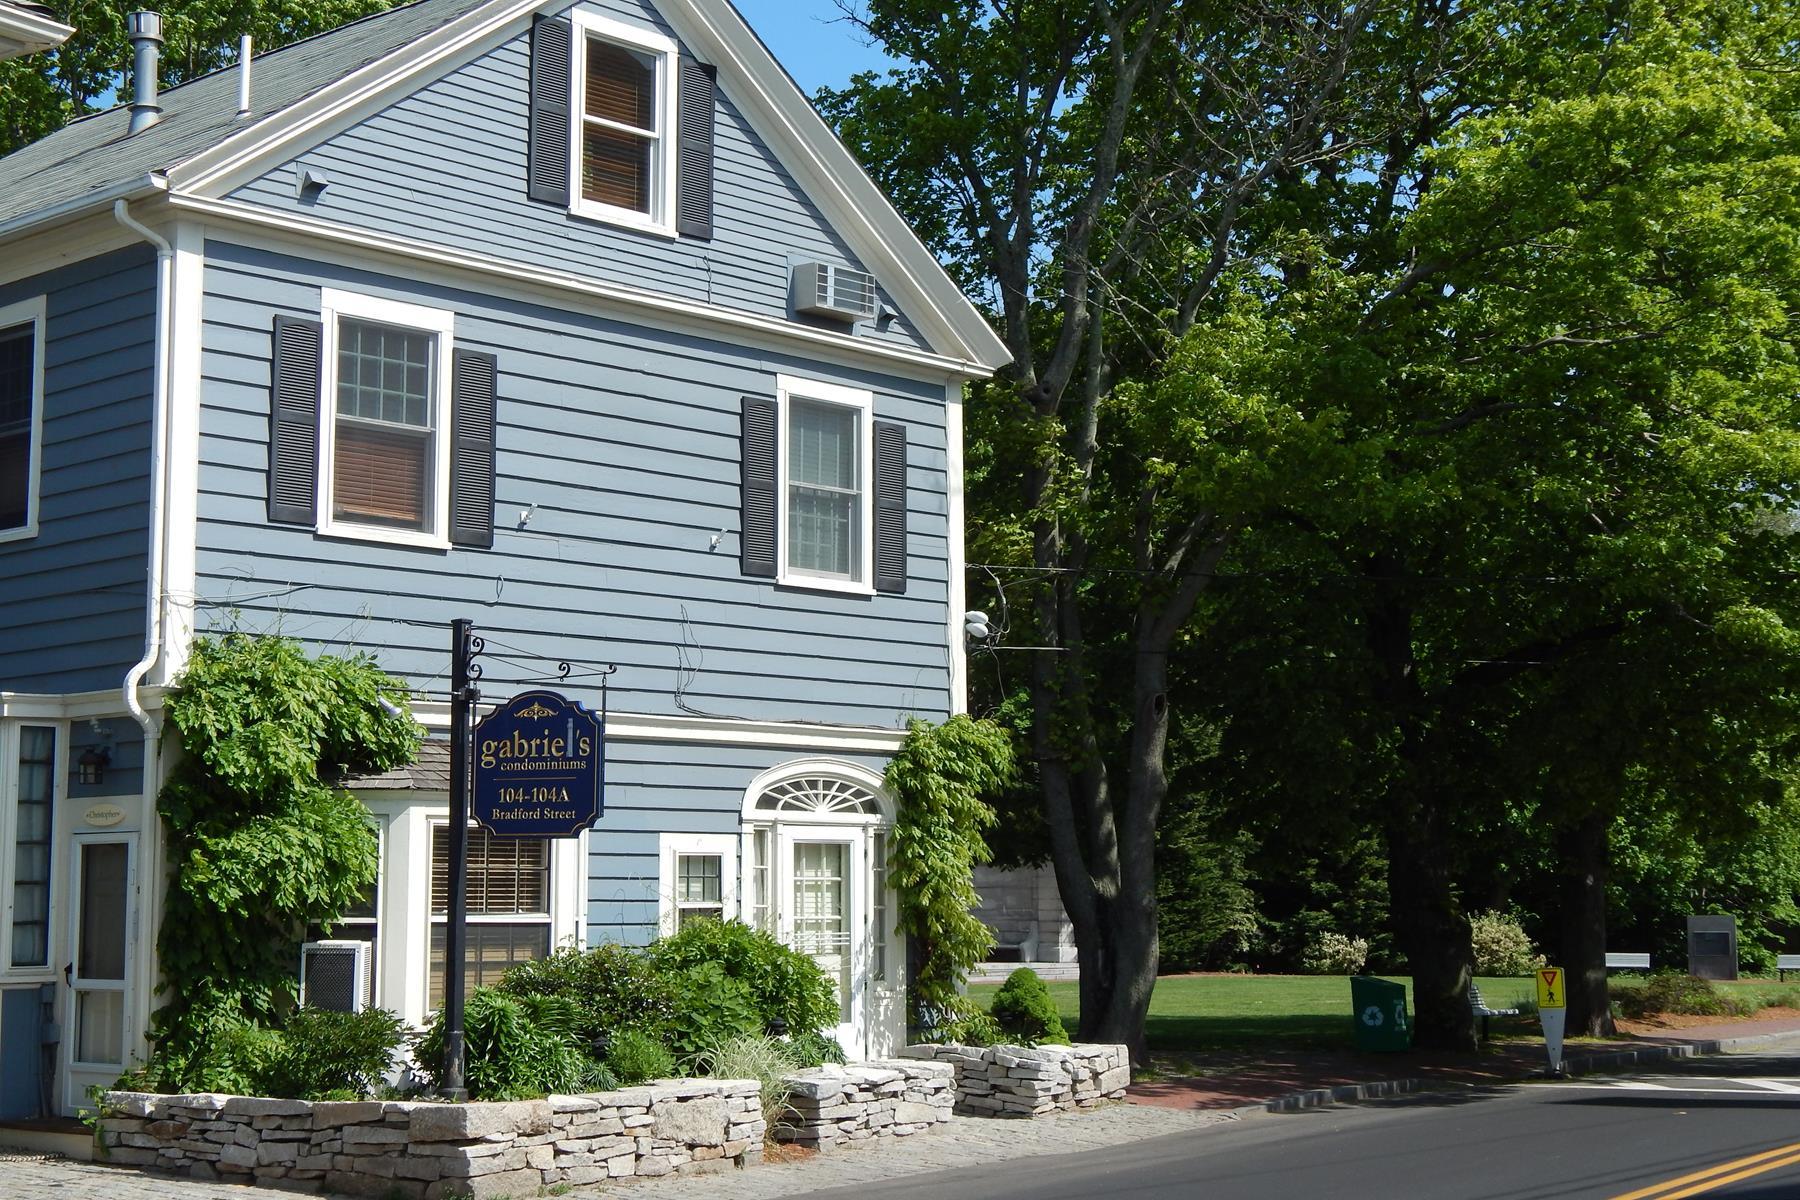 コンドミニアム のために 売買 アット Gabriel's 104 Bradford Street, Unit 8 Provincetown, マサチューセッツ 02657 アメリカ合衆国